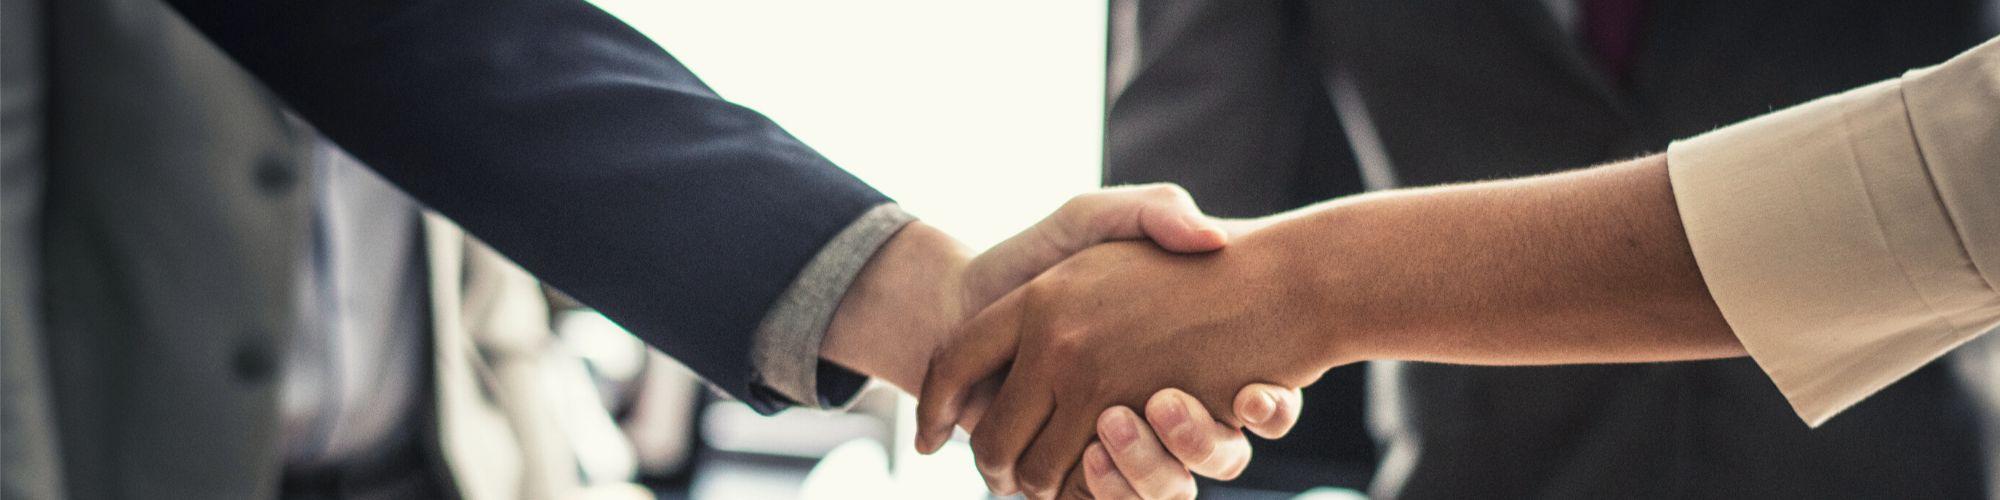 Acuerdo para simular contratar un seguro